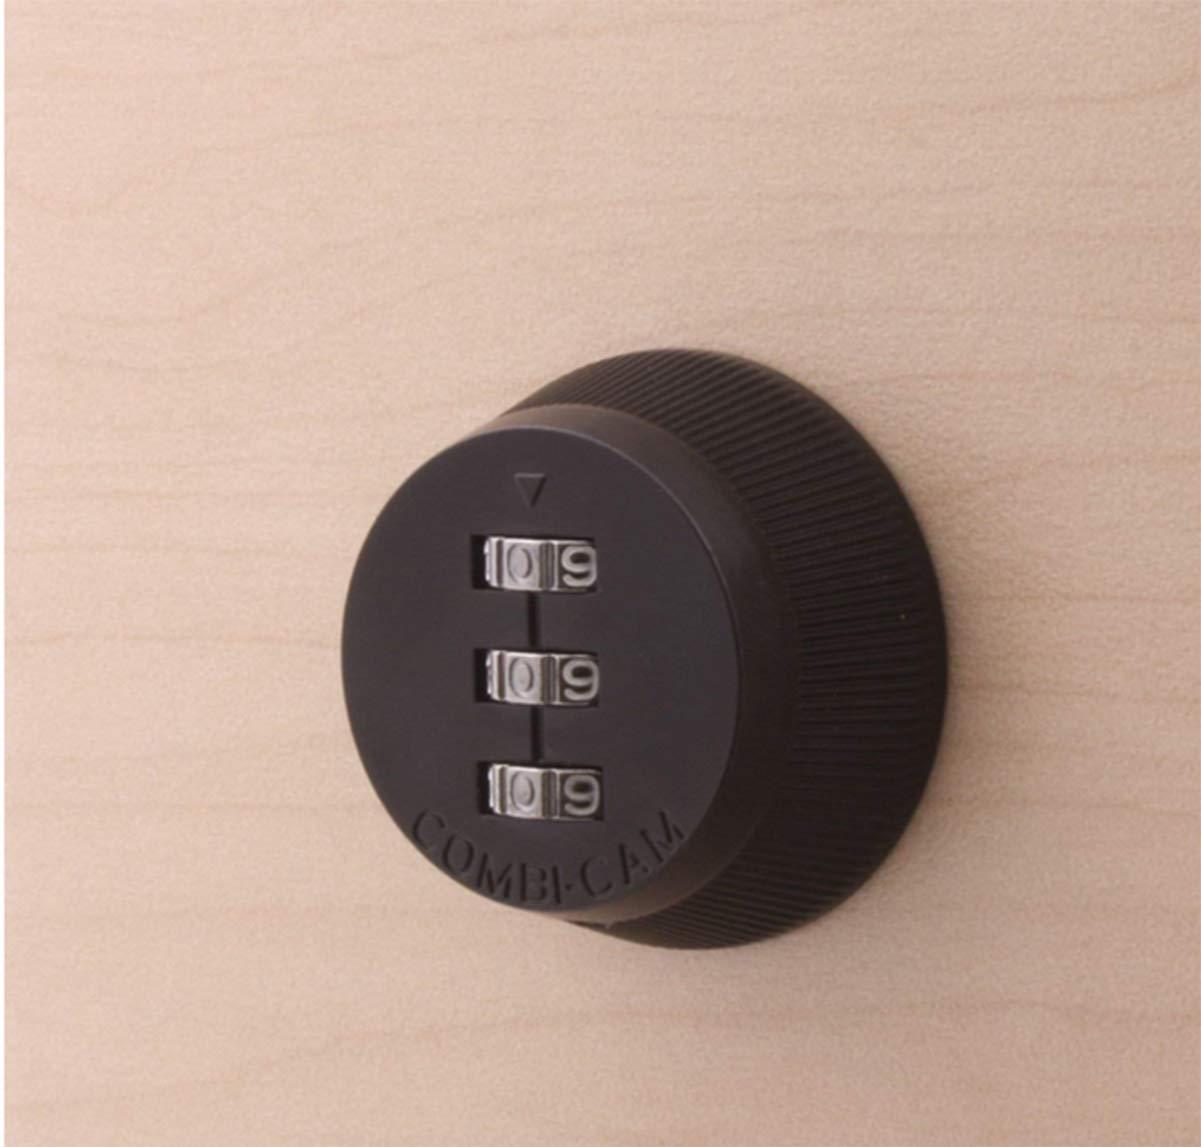 Plateado Liuer 3 C/ódigo Digital Cerradura de combinacion de codigo,Cerradura de combinacion de codigo de aleacion sin llave de caja de correo del poste y de armario,1pcs